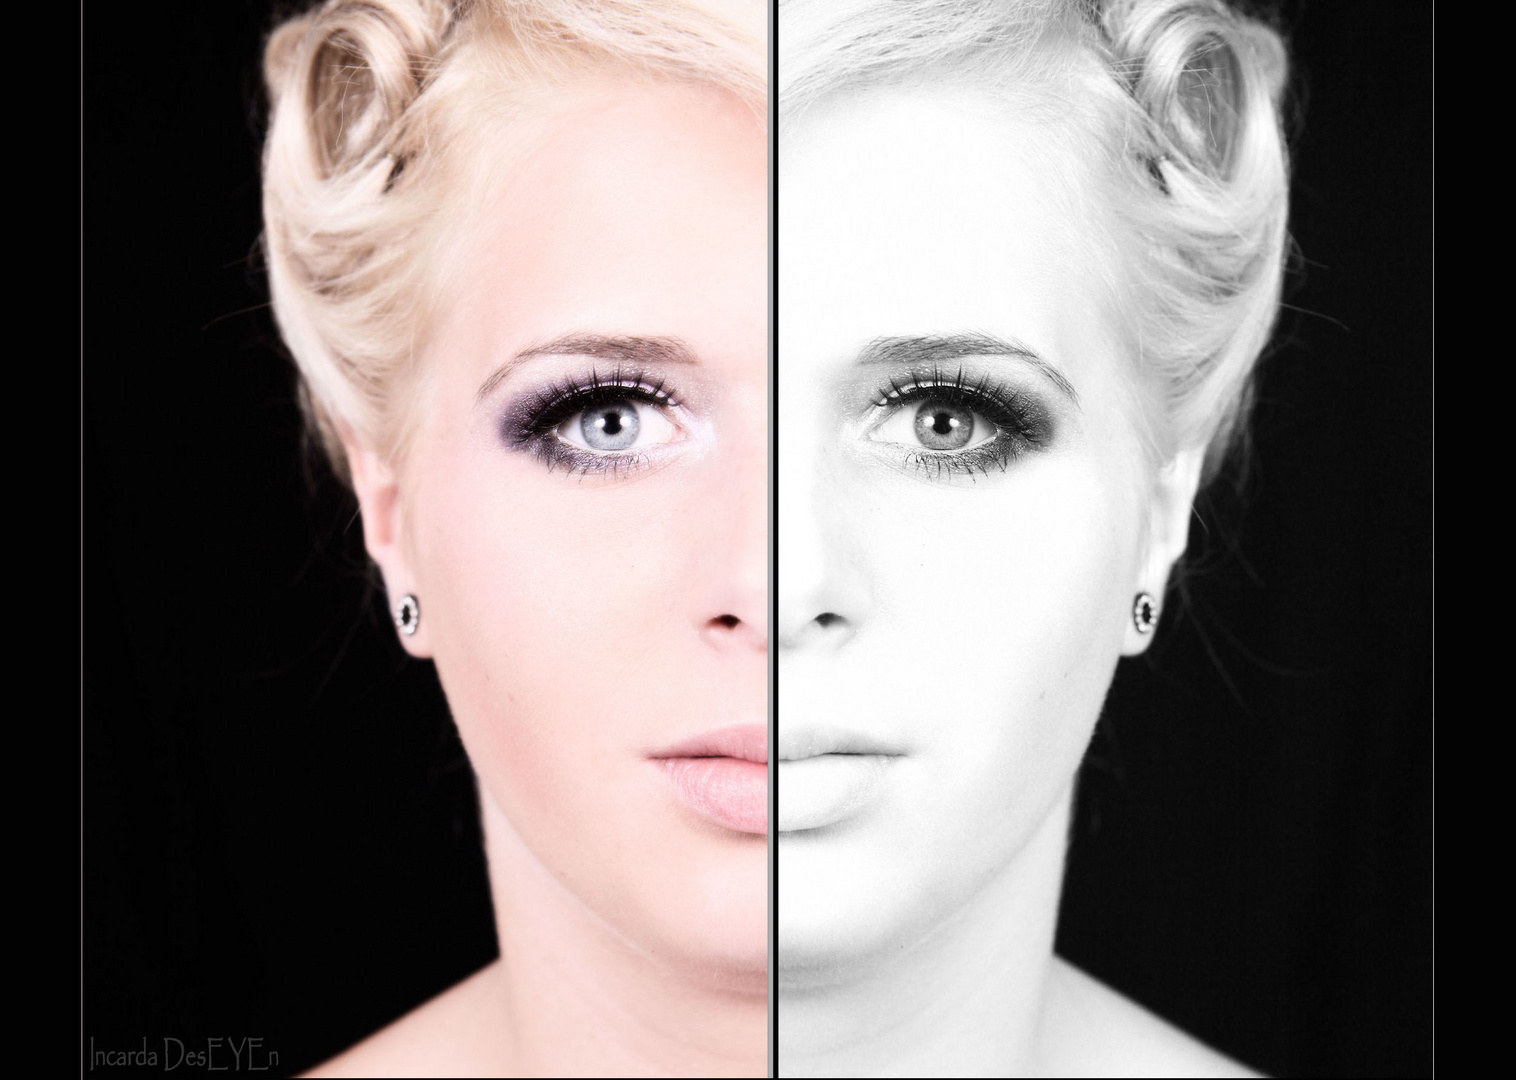 Zwei mal die gleiche Gesichtshälfte